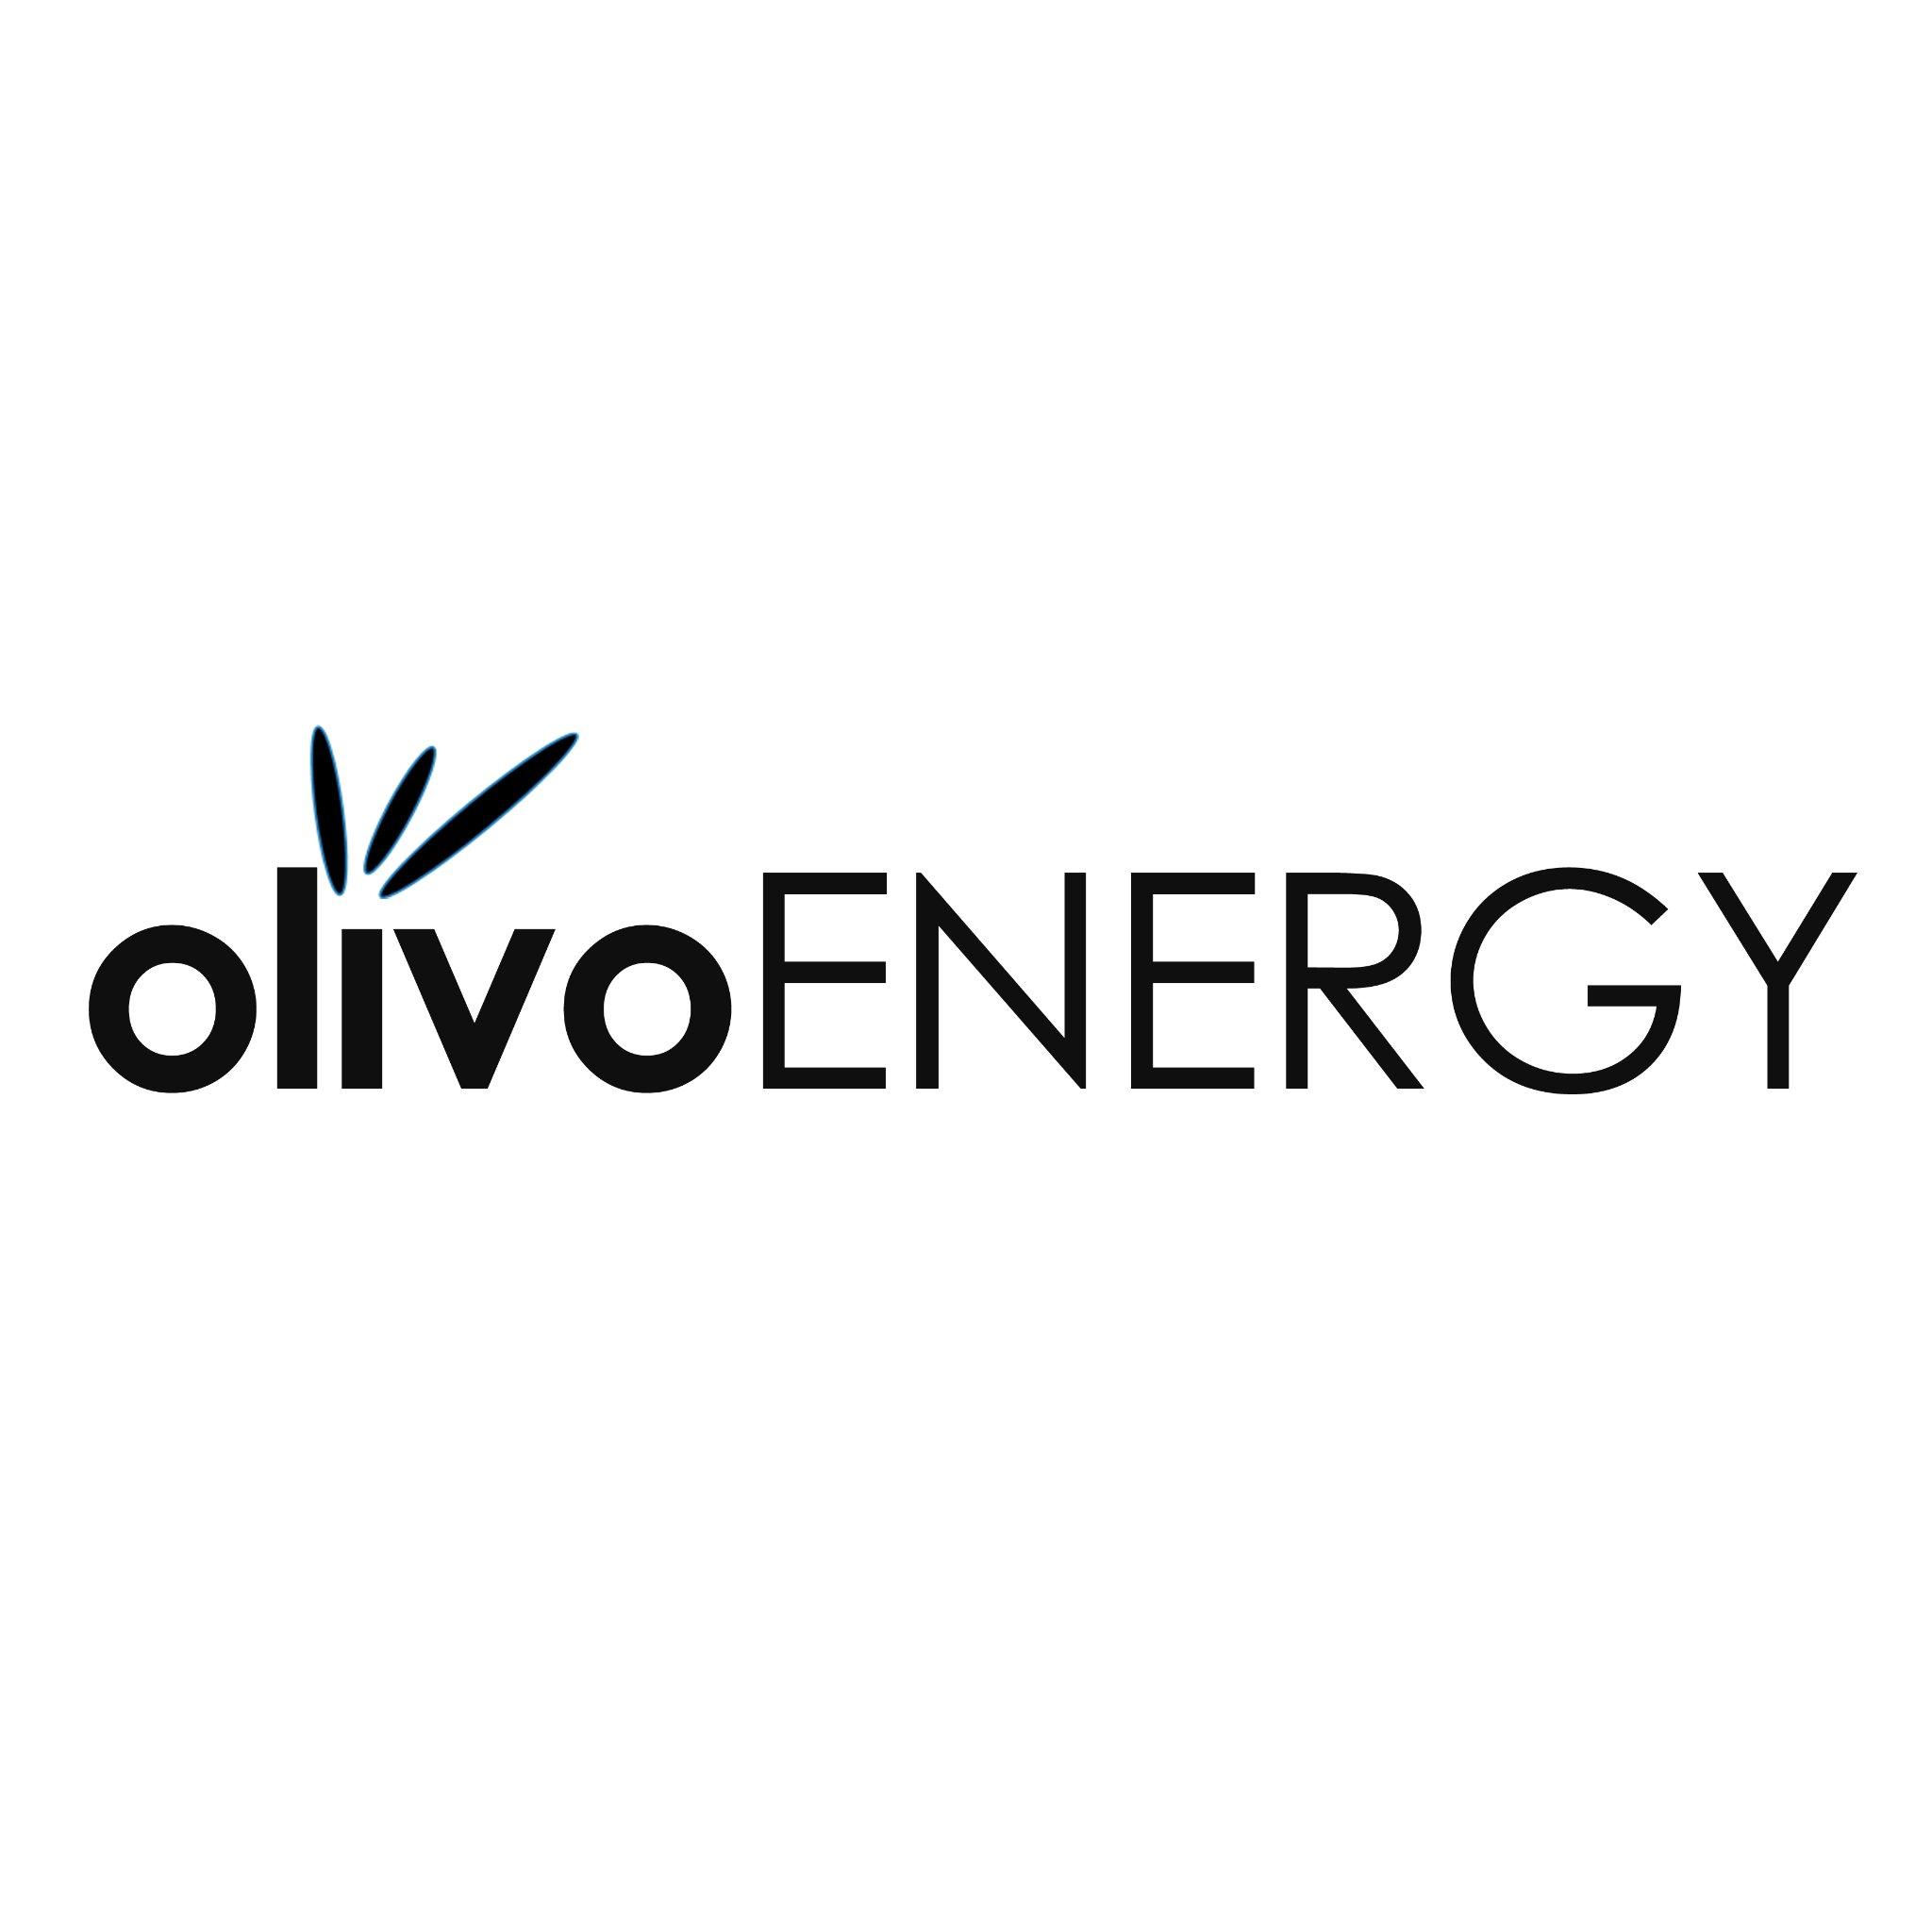 olivoenergy.jpg